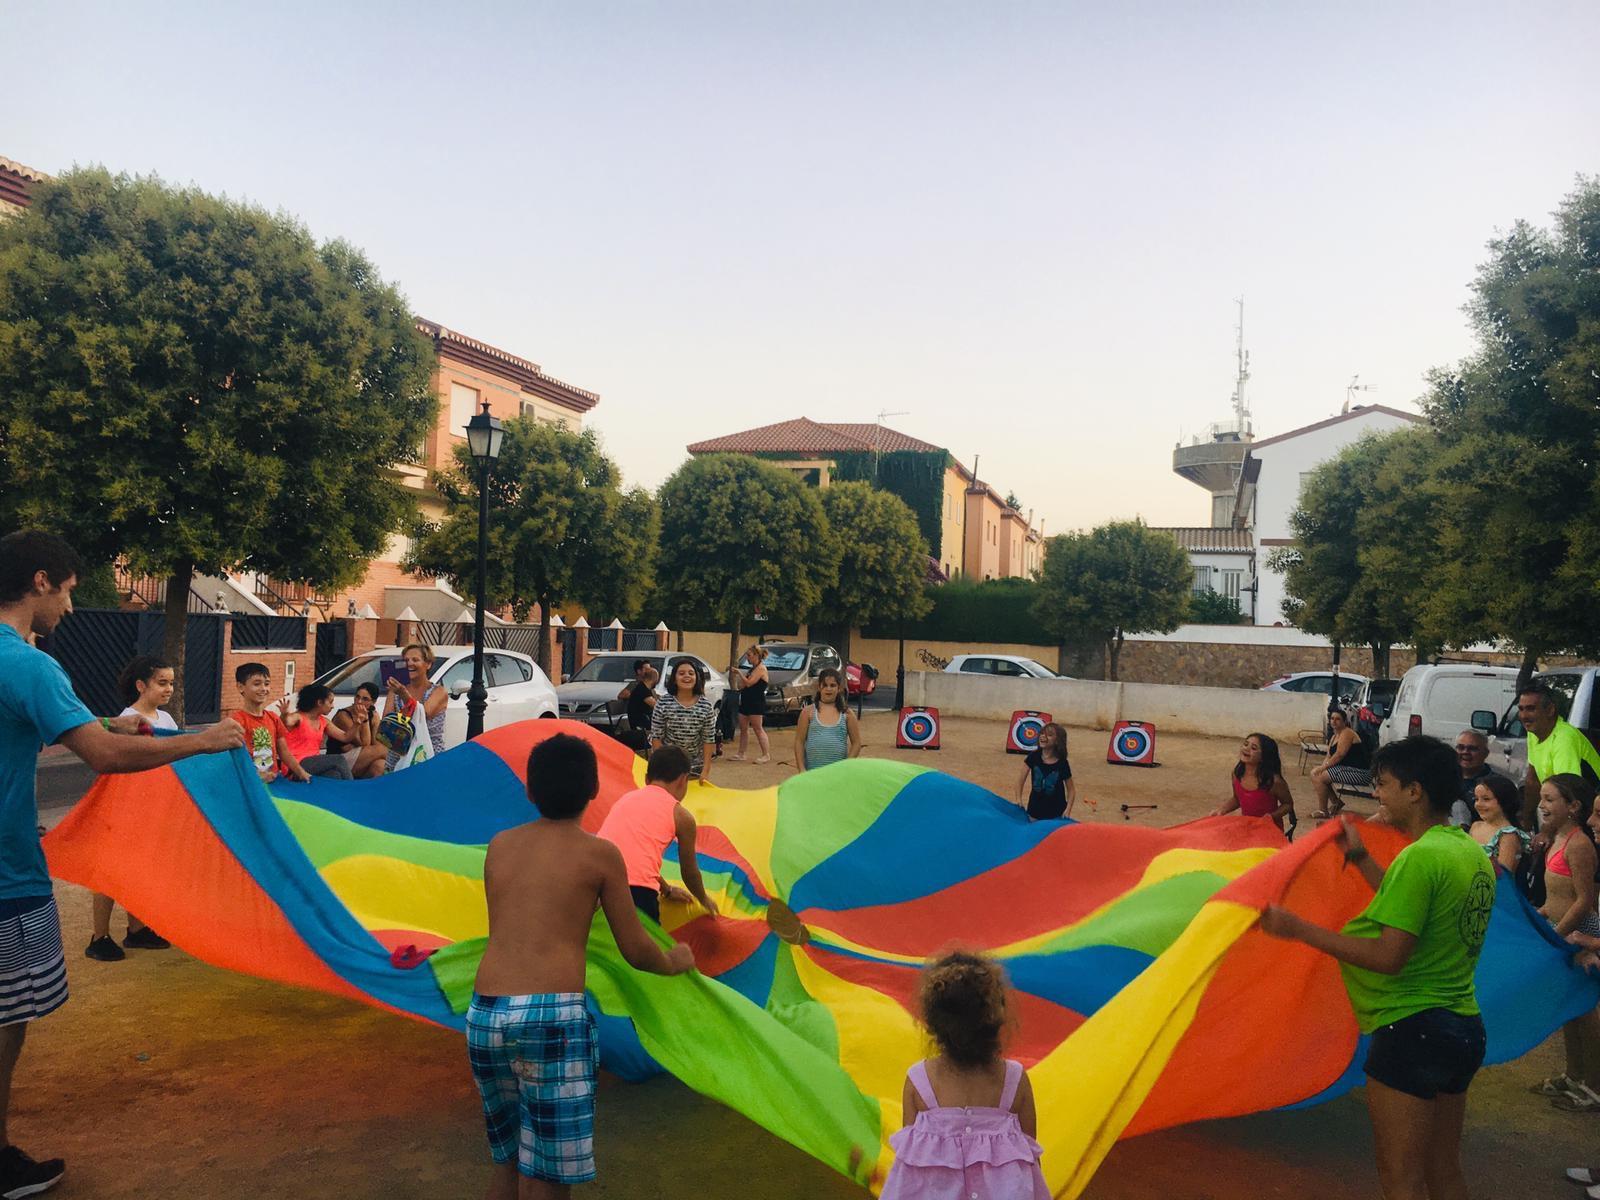 Los jóvenes de Cúllar Vega disfrutan de ocio en las plazas del pueblo con el programa 'Diviértete en tu barrio'